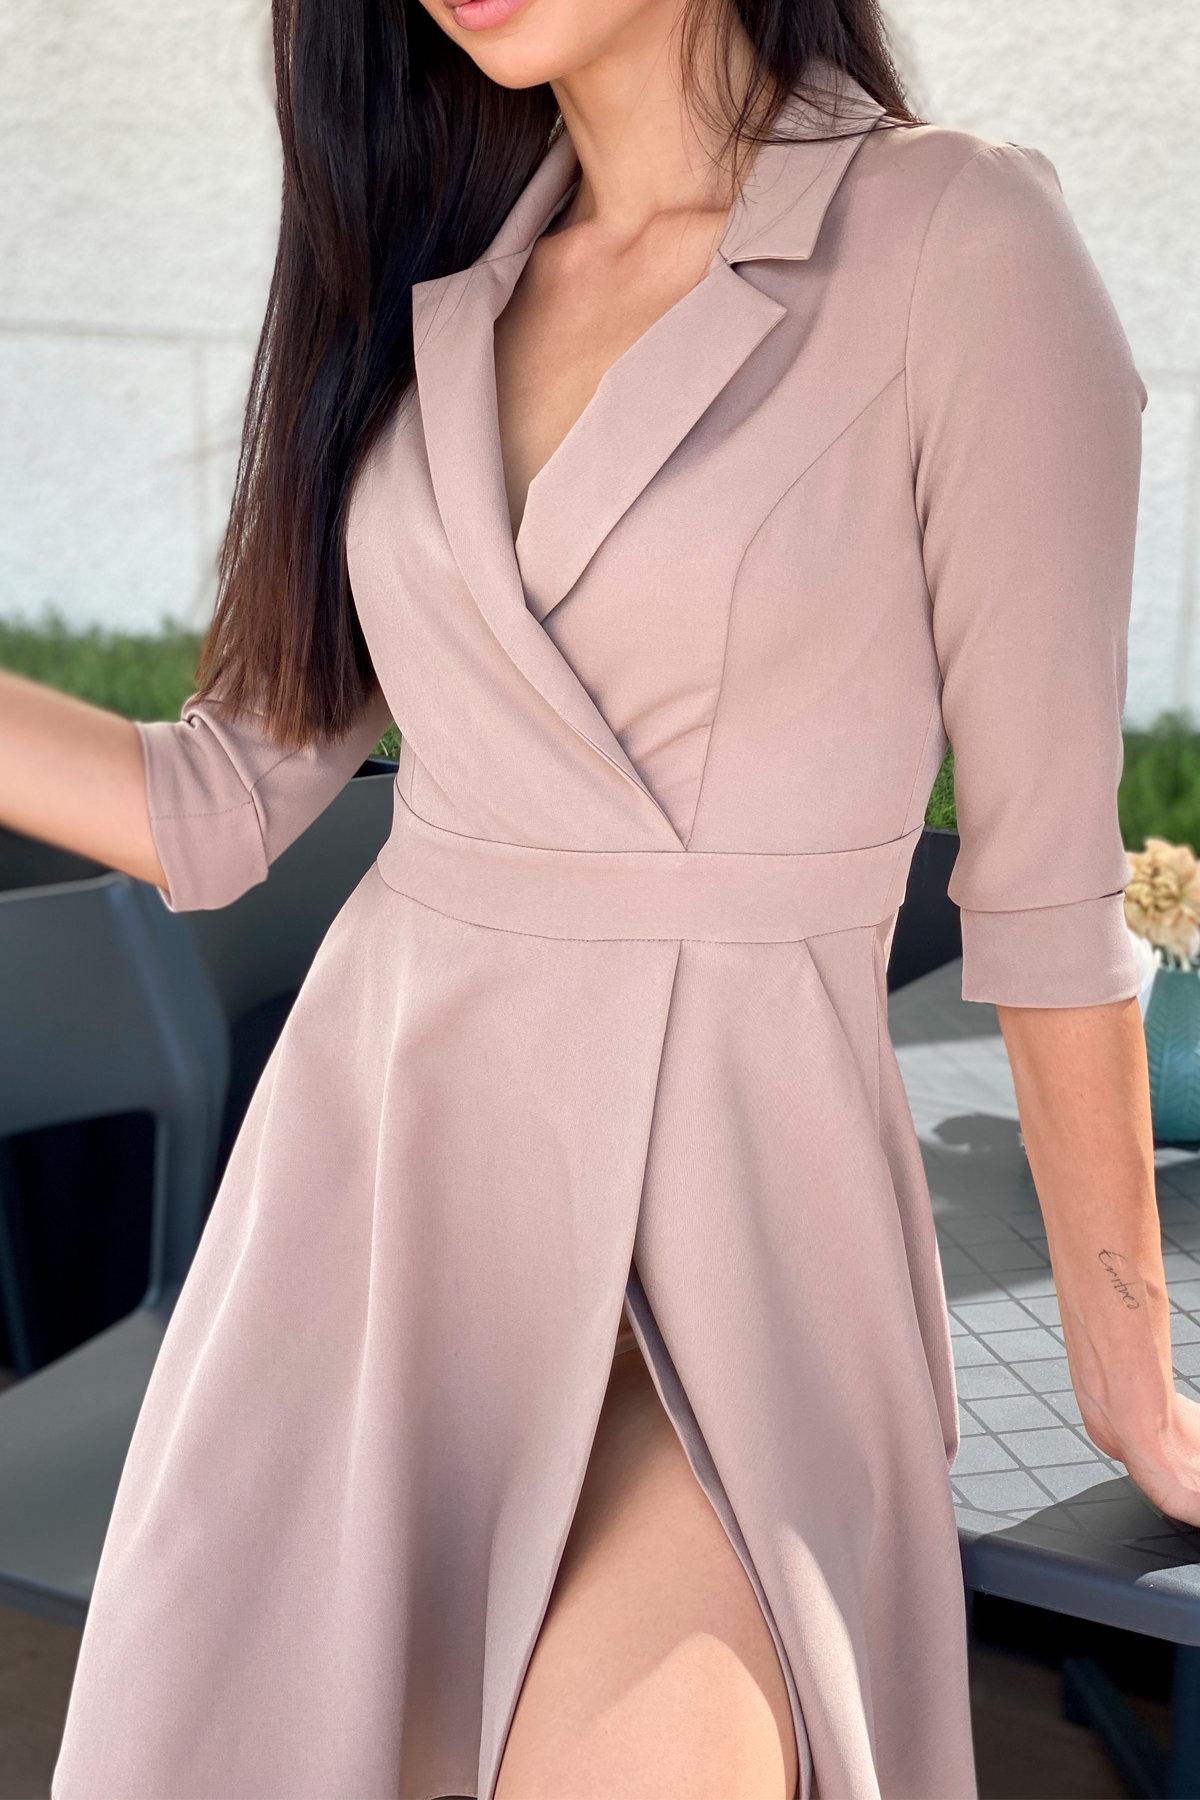 Платье Малья 7678 АРТ. 45991 Цвет: Бежевый Темный - фото 6, интернет магазин tm-modus.ru